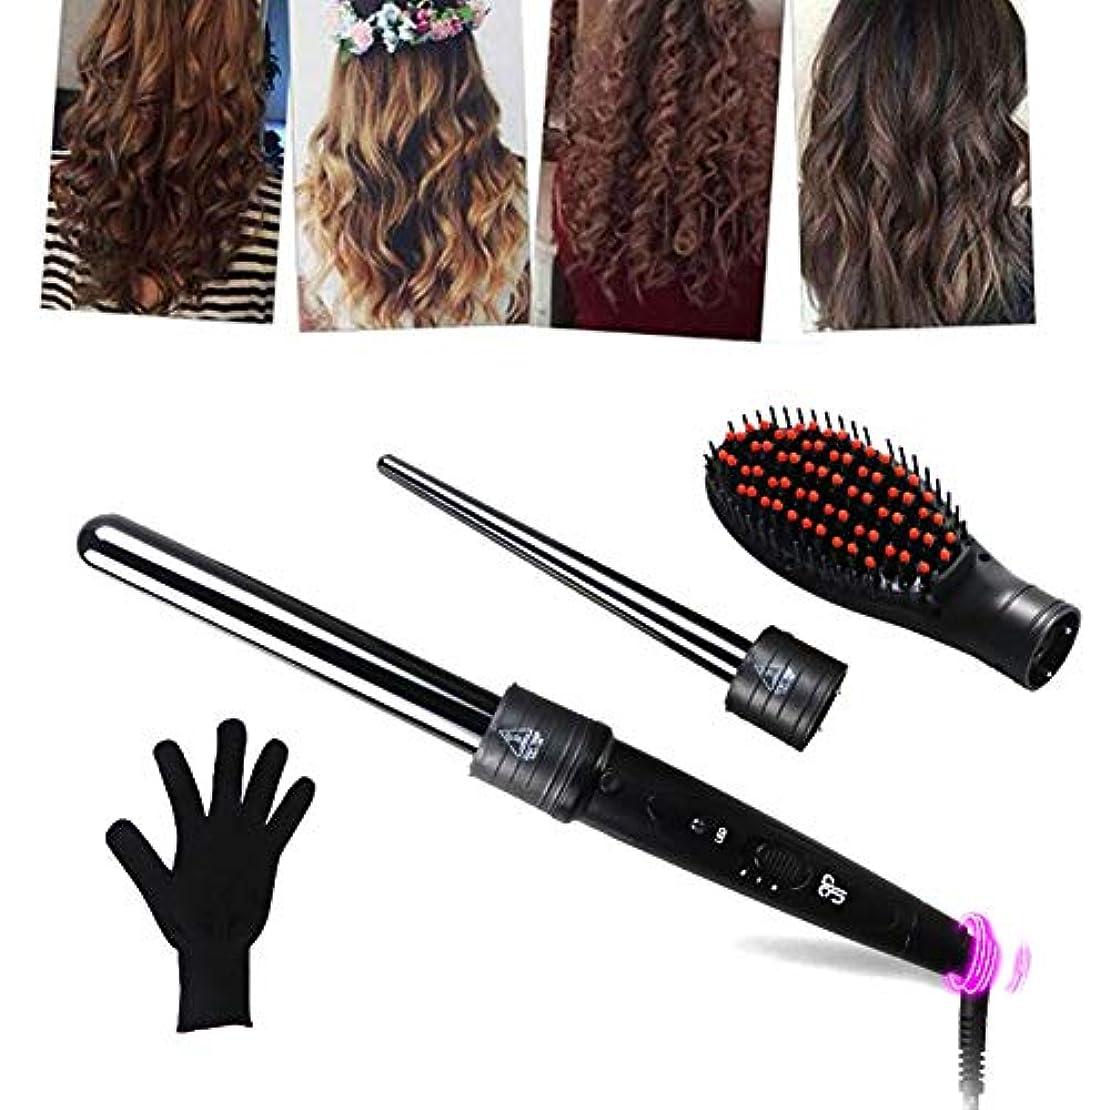 寸法インフラインゲンヘアカーラー - 2で1カーリングアイロンセット、2髪交換カーラーセラミックバレ 1 ストレートヘアコーム 耐熱手袋が付ル用すべての髪